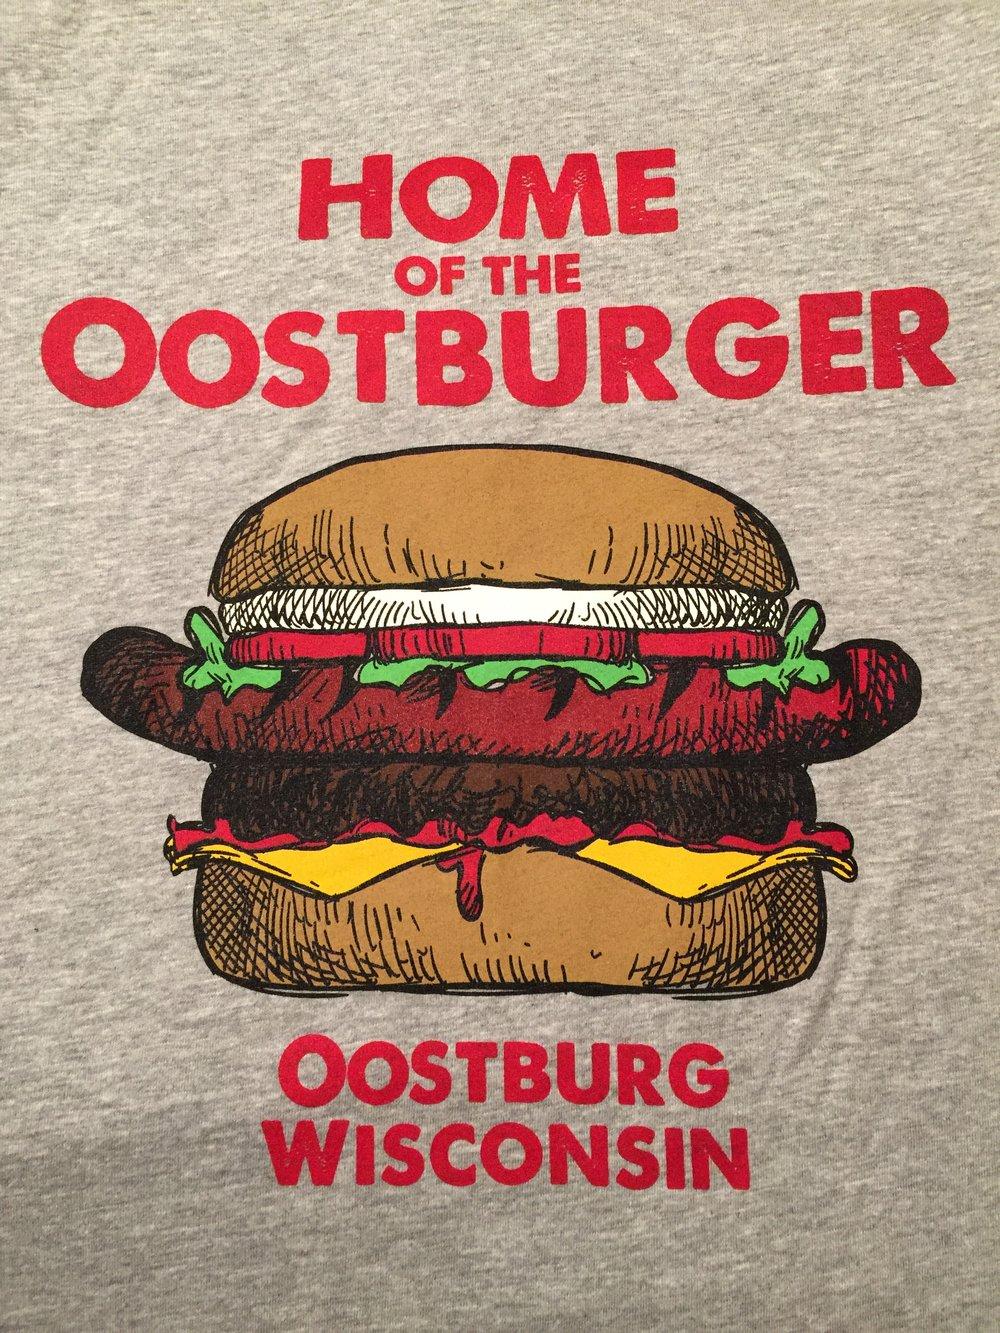 Close up of t-shirt image